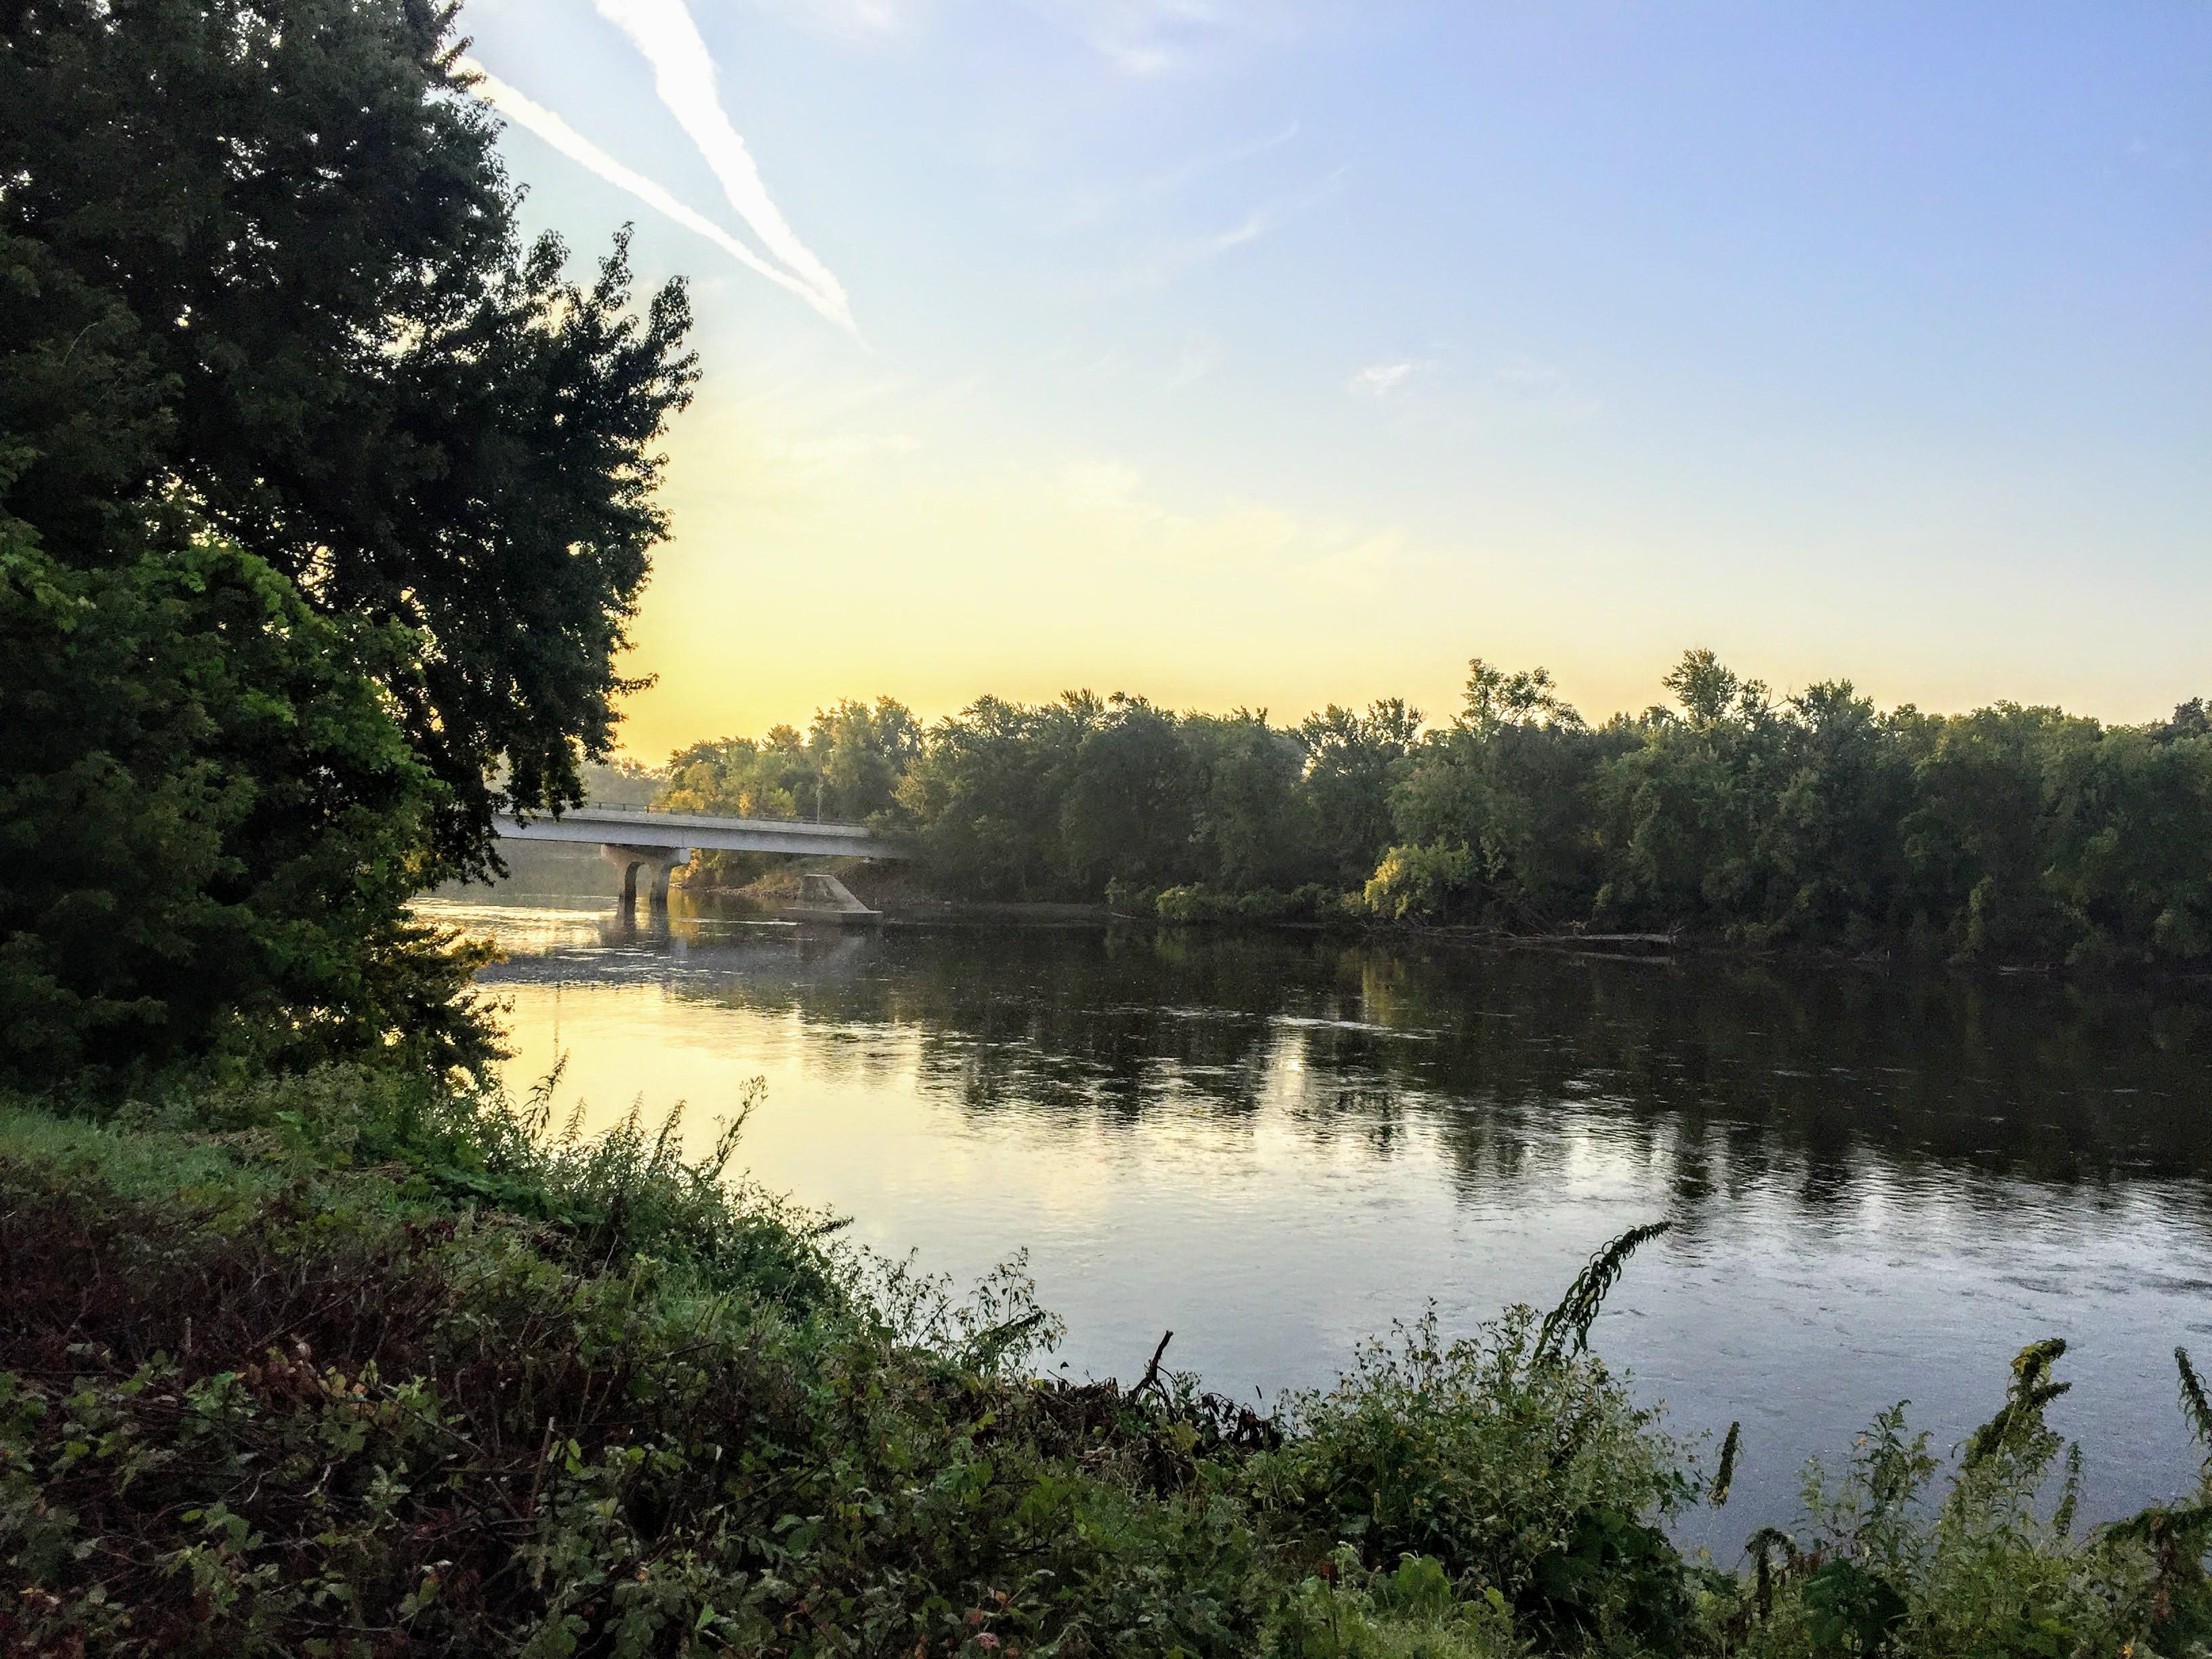 2017-09-14 Elk River 04 Mississippi River